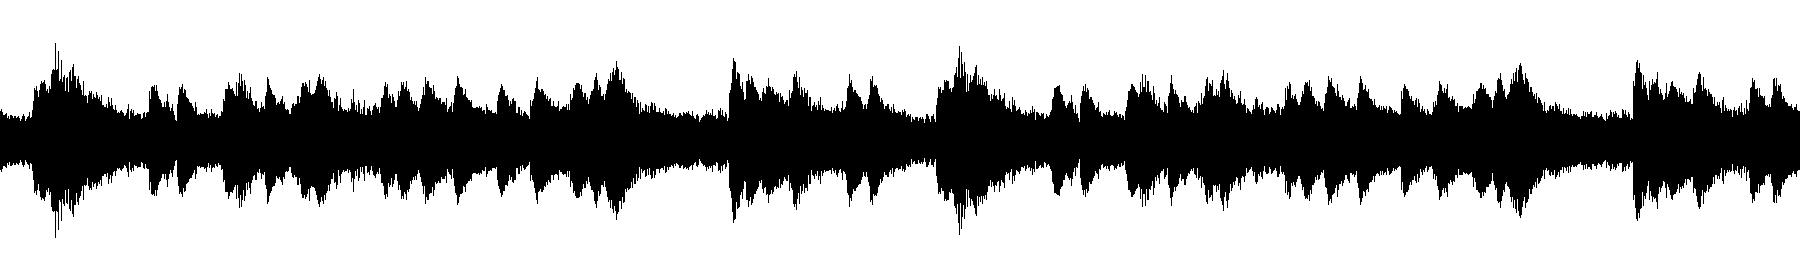 123 c pianotexture sp 01